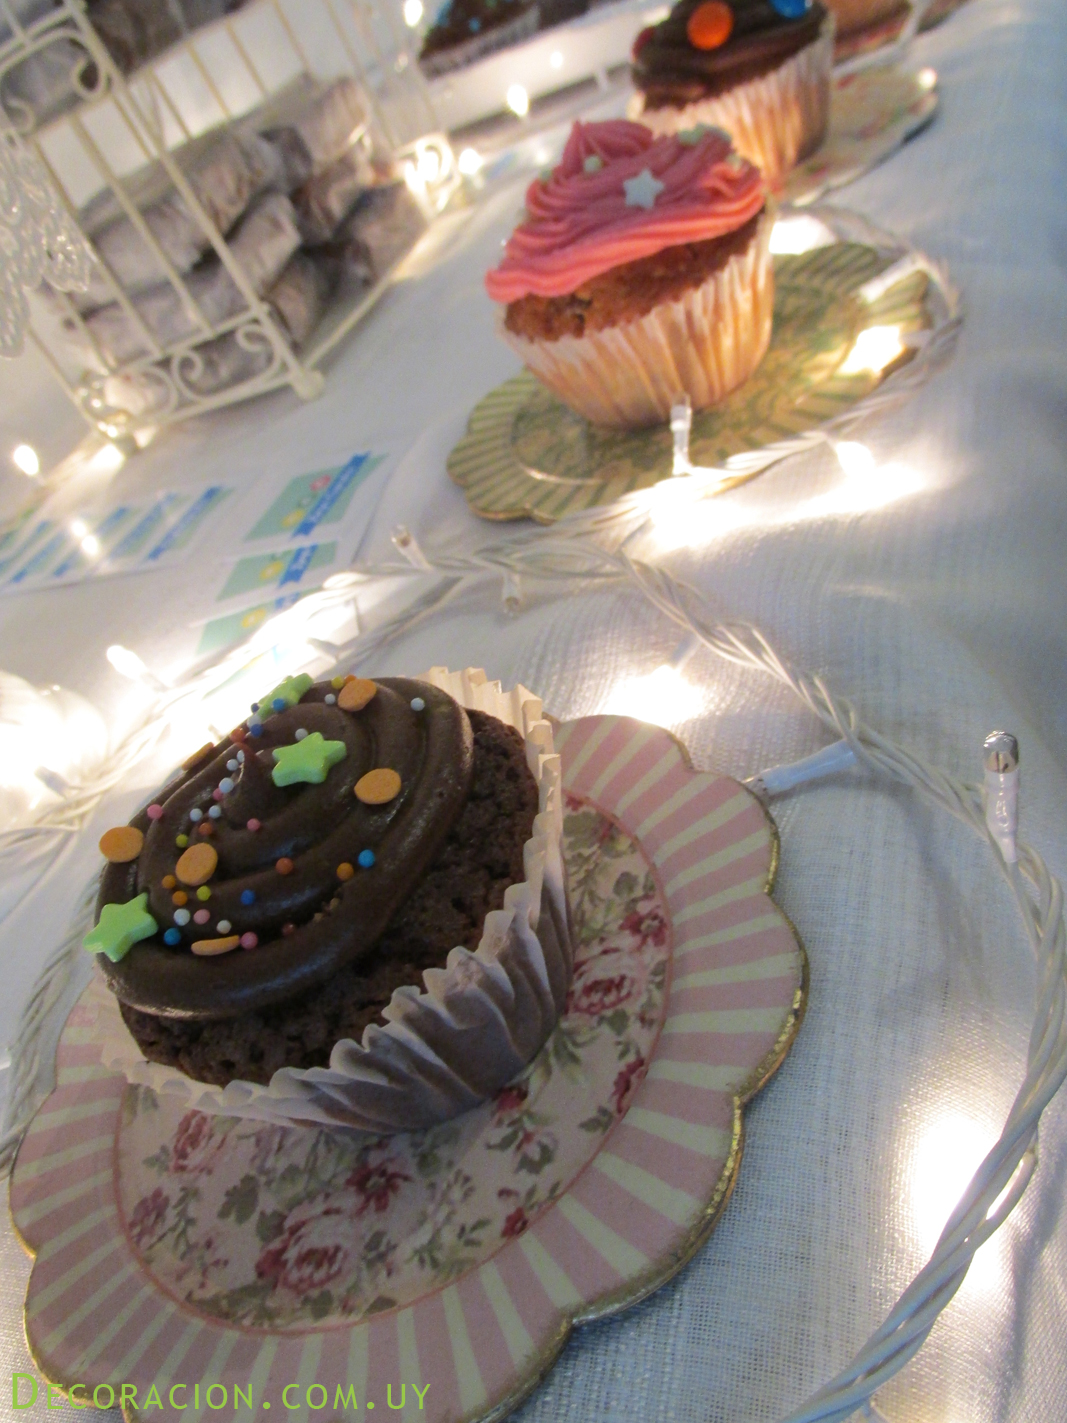 Lucy's Cupcakes | Tienda Abierta | Decoracion.com.uy